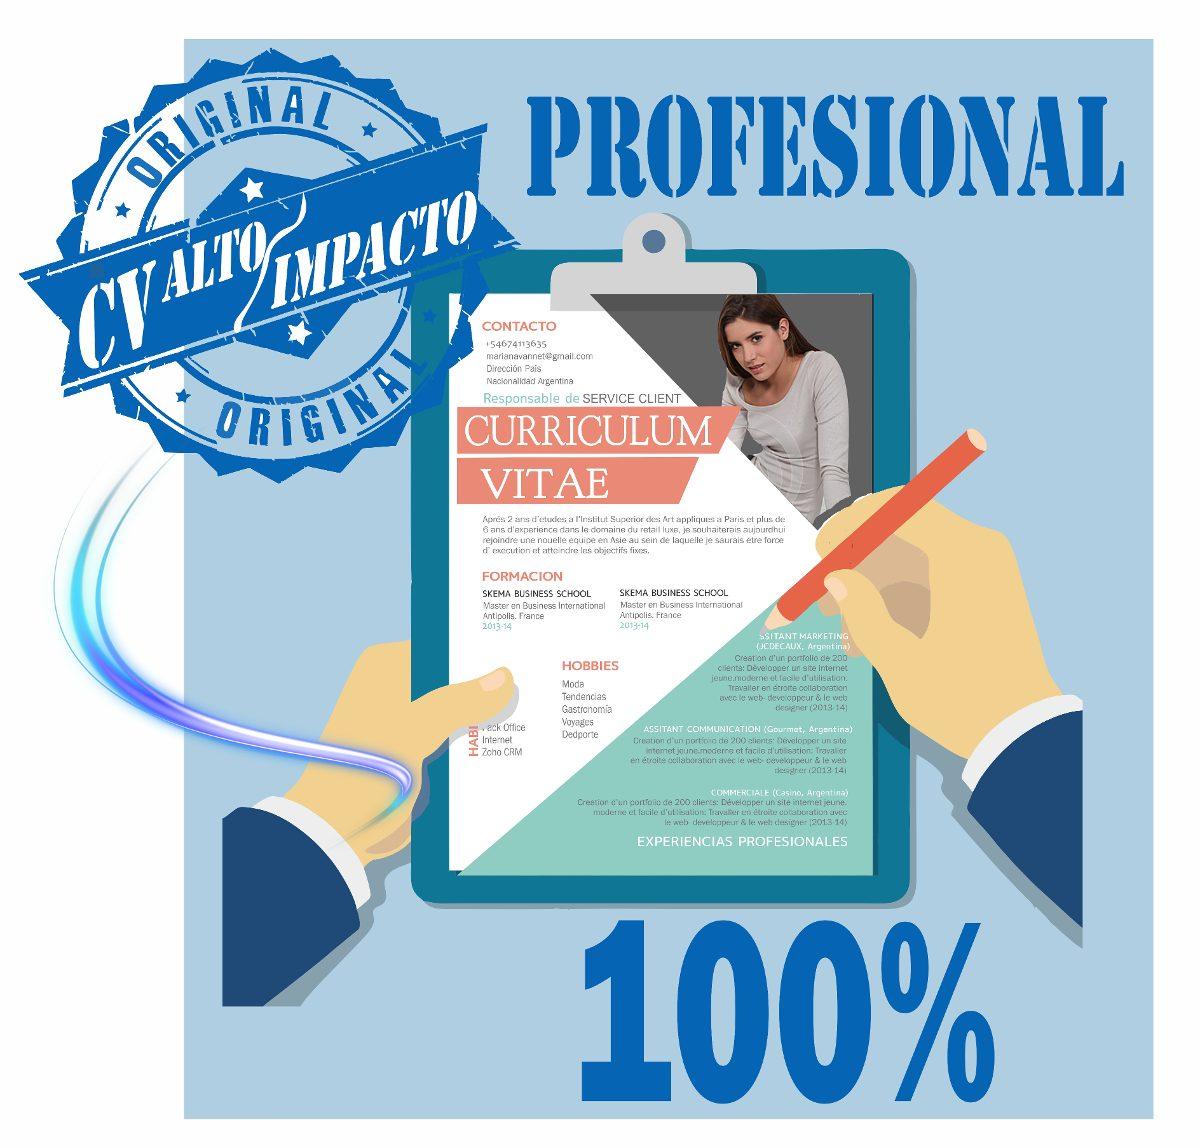 Curriculum Vitae Creación - Cv - Alto Impacto- Seriedad - $ 400,00 ...